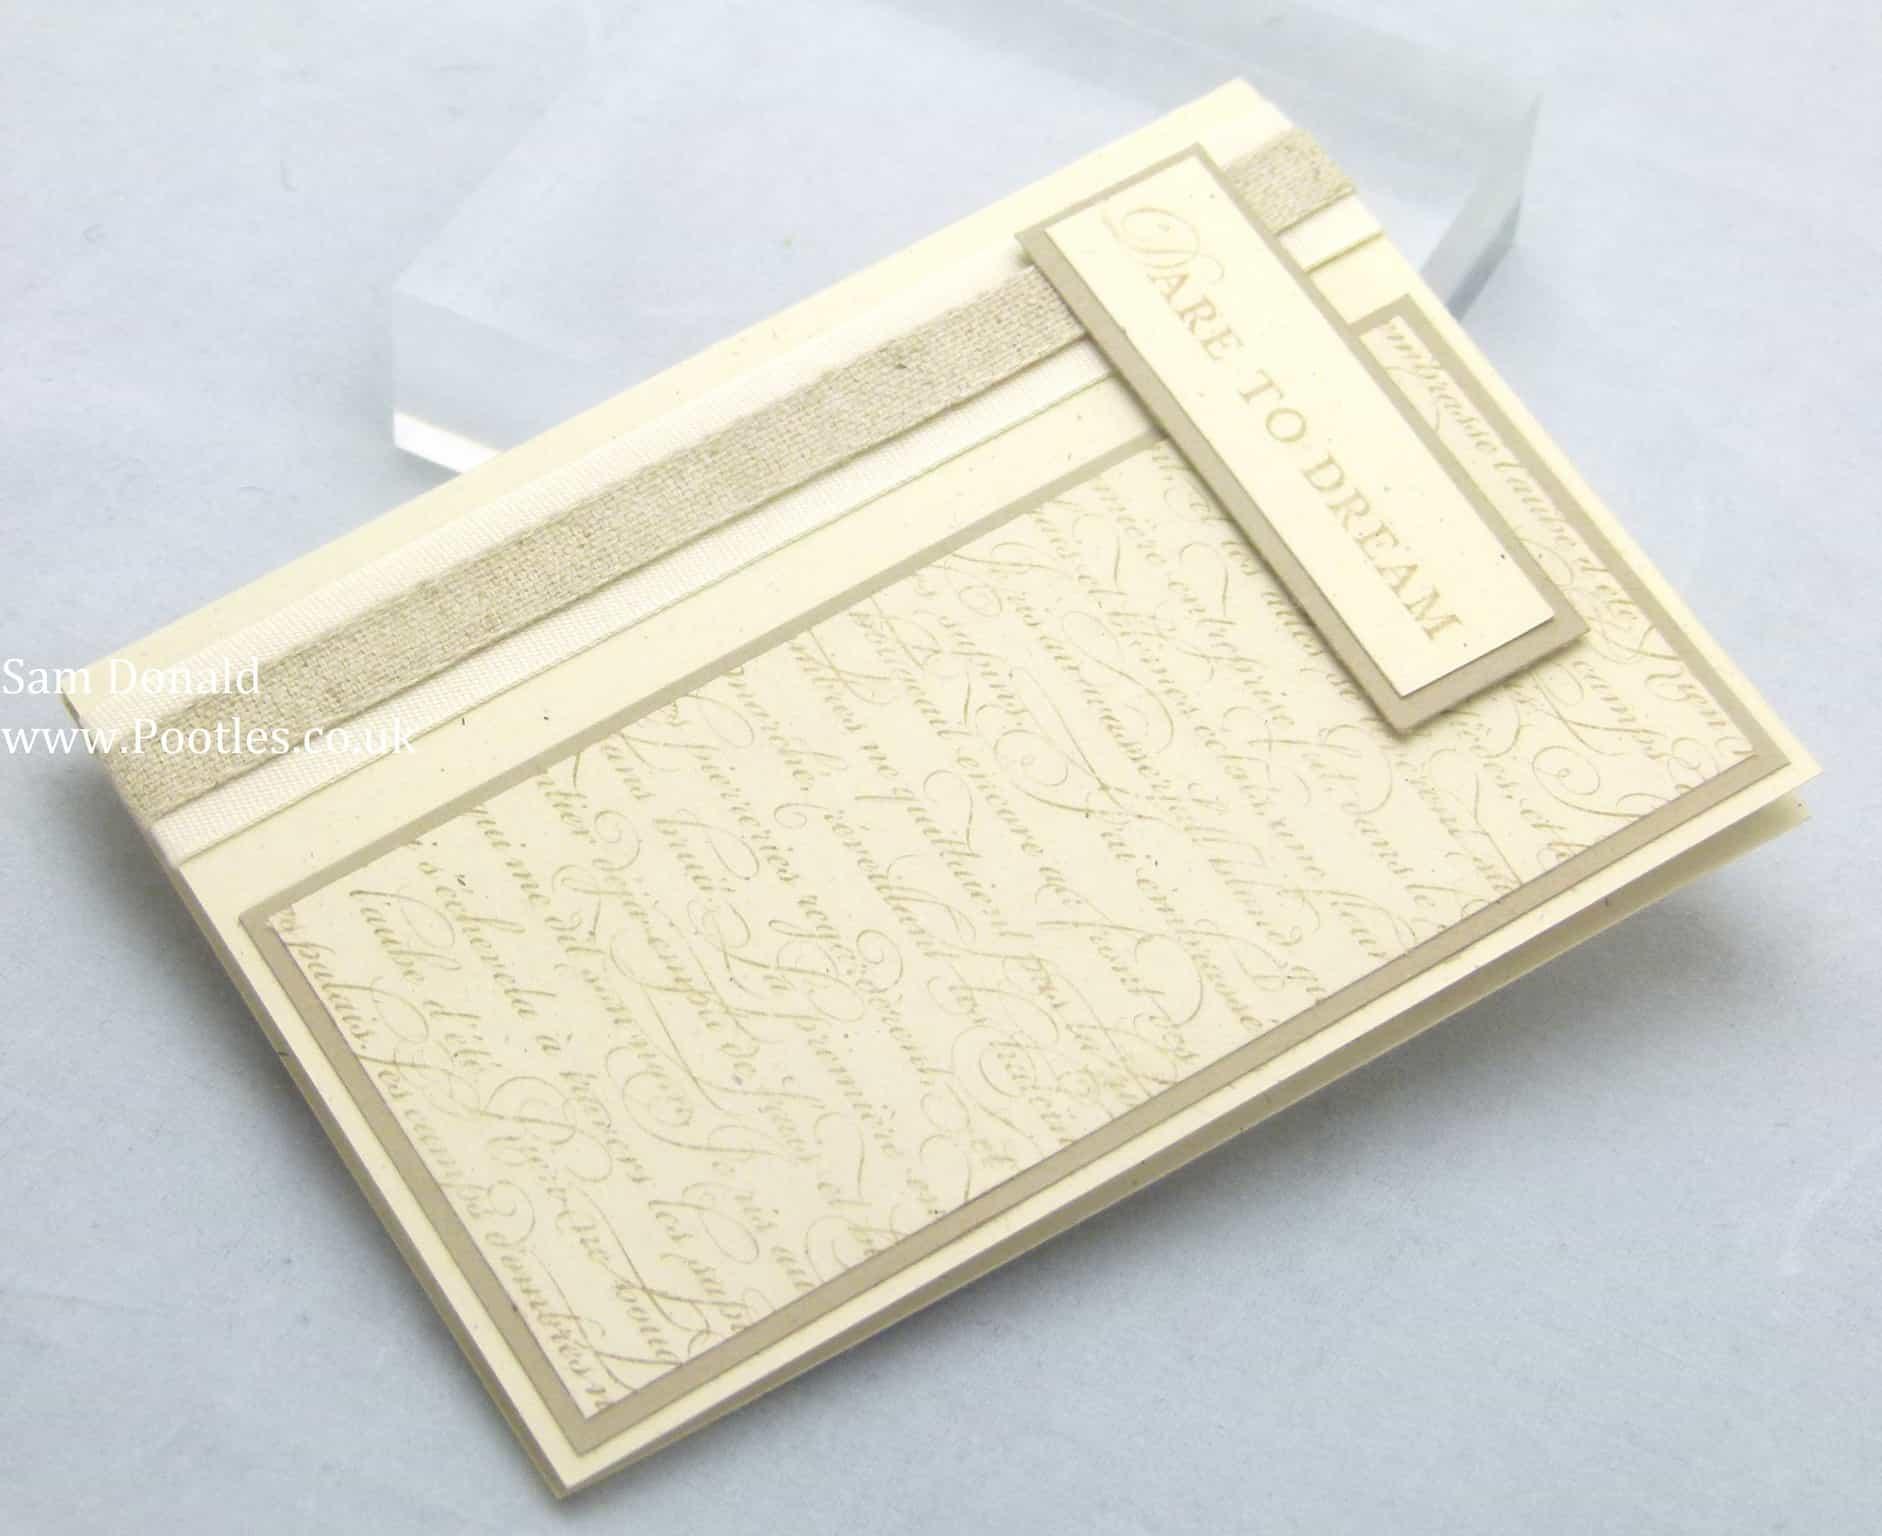 Pootles Stampin Up UK Notebook 2